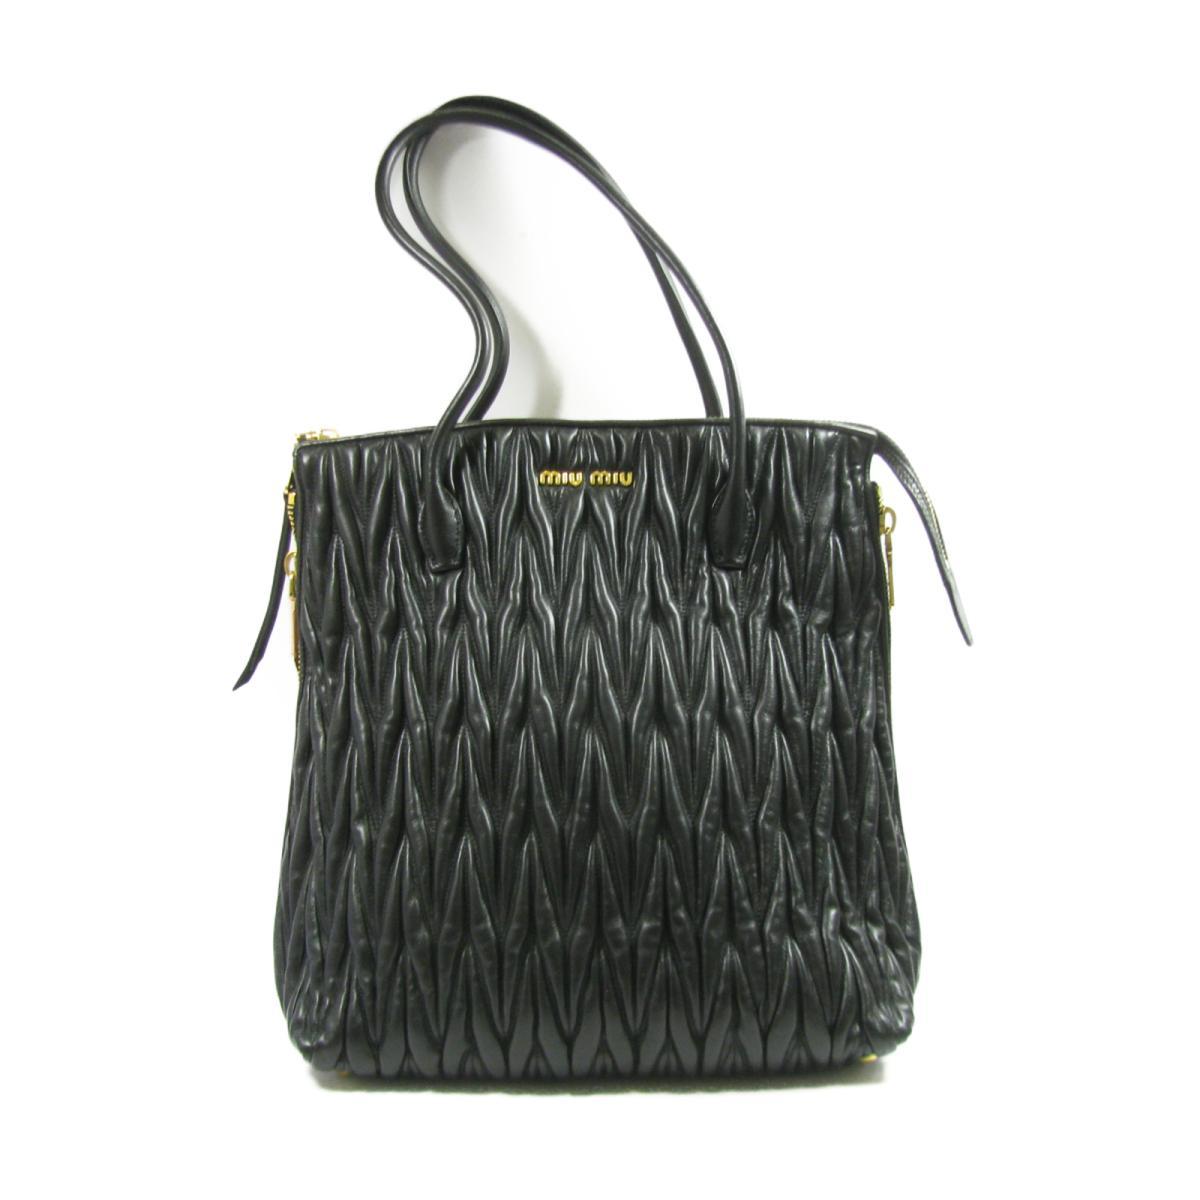 ミュウミュウ トートバッグ レディース レザー ブラック (RR1893 N88 F0002)   miu miu バッグ バック BAG カバン ブランドバッグ ブランドバック 新品 ブランドオフ